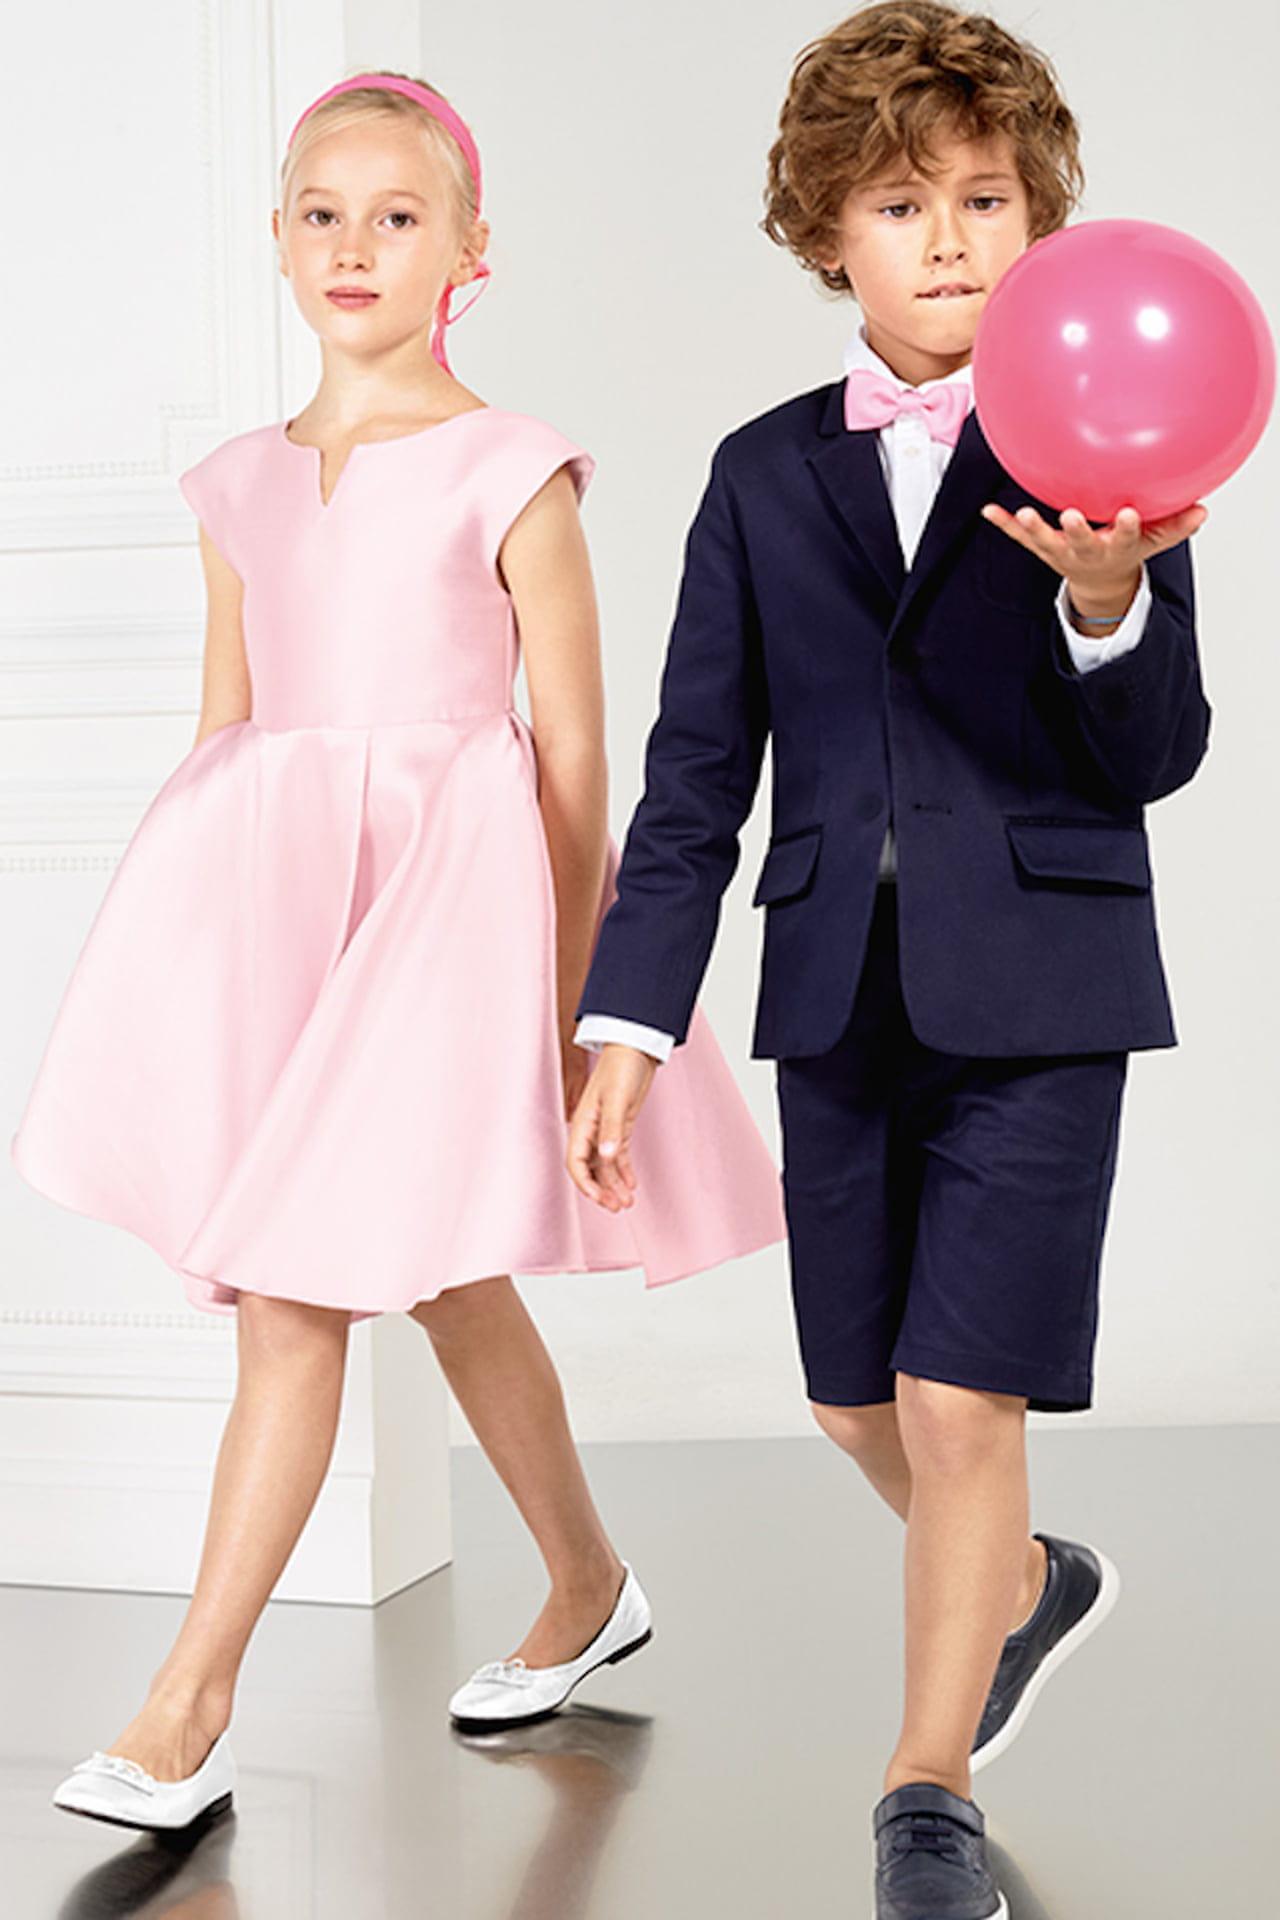 Vestiti da cerimonia per bambine  consigli chic edcc860dbdb